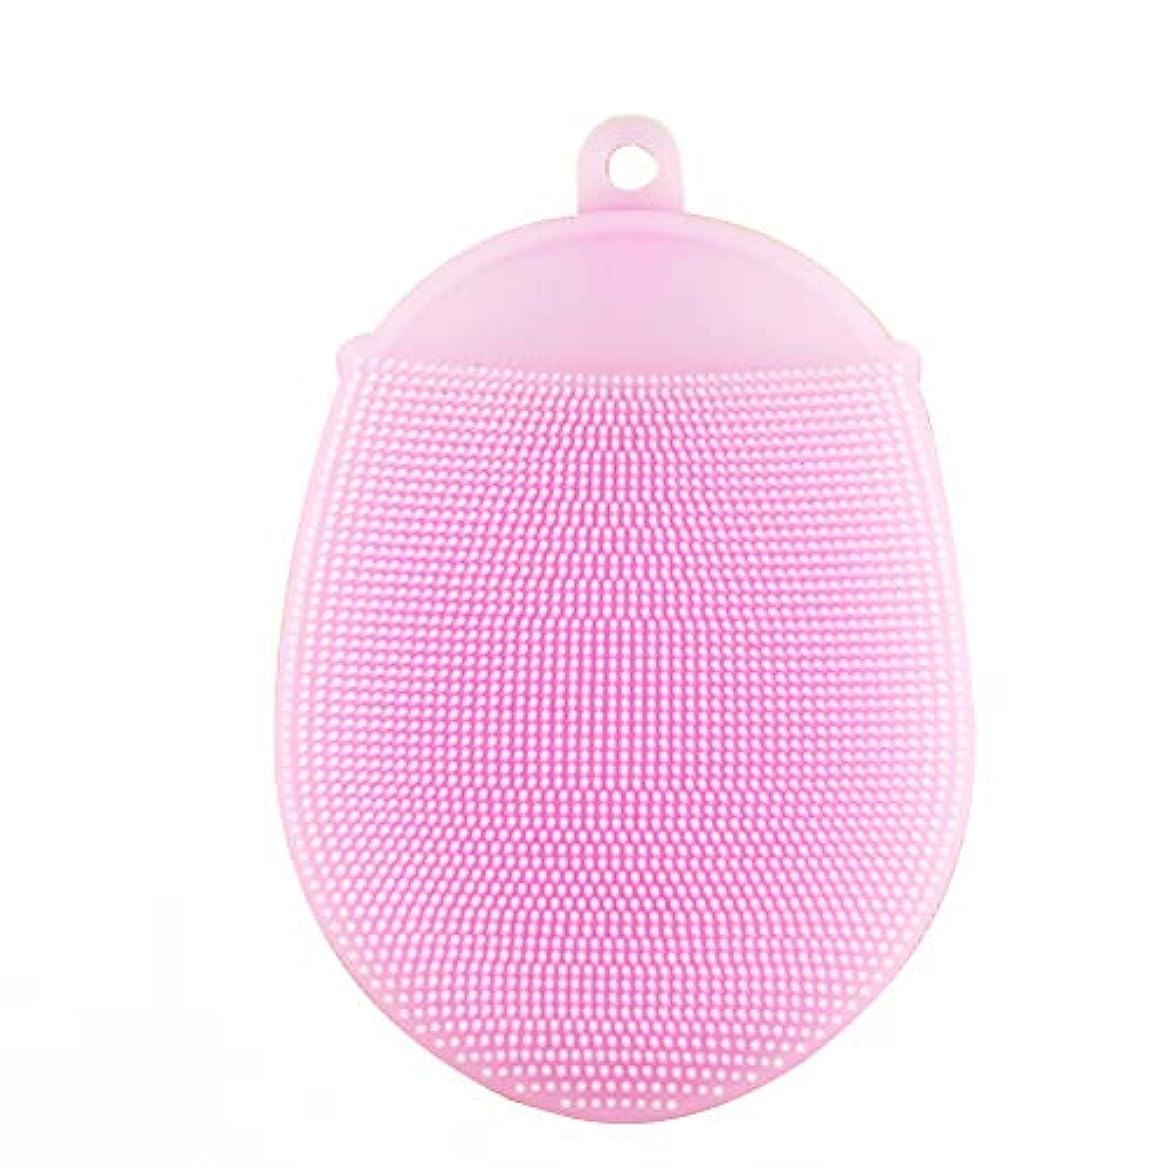 によって和解するとは異なりHealifty シリコンボディ入浴ブラシフェイスクレンザーブラシパッドシャワースクラバー手袋2本(ピンク)